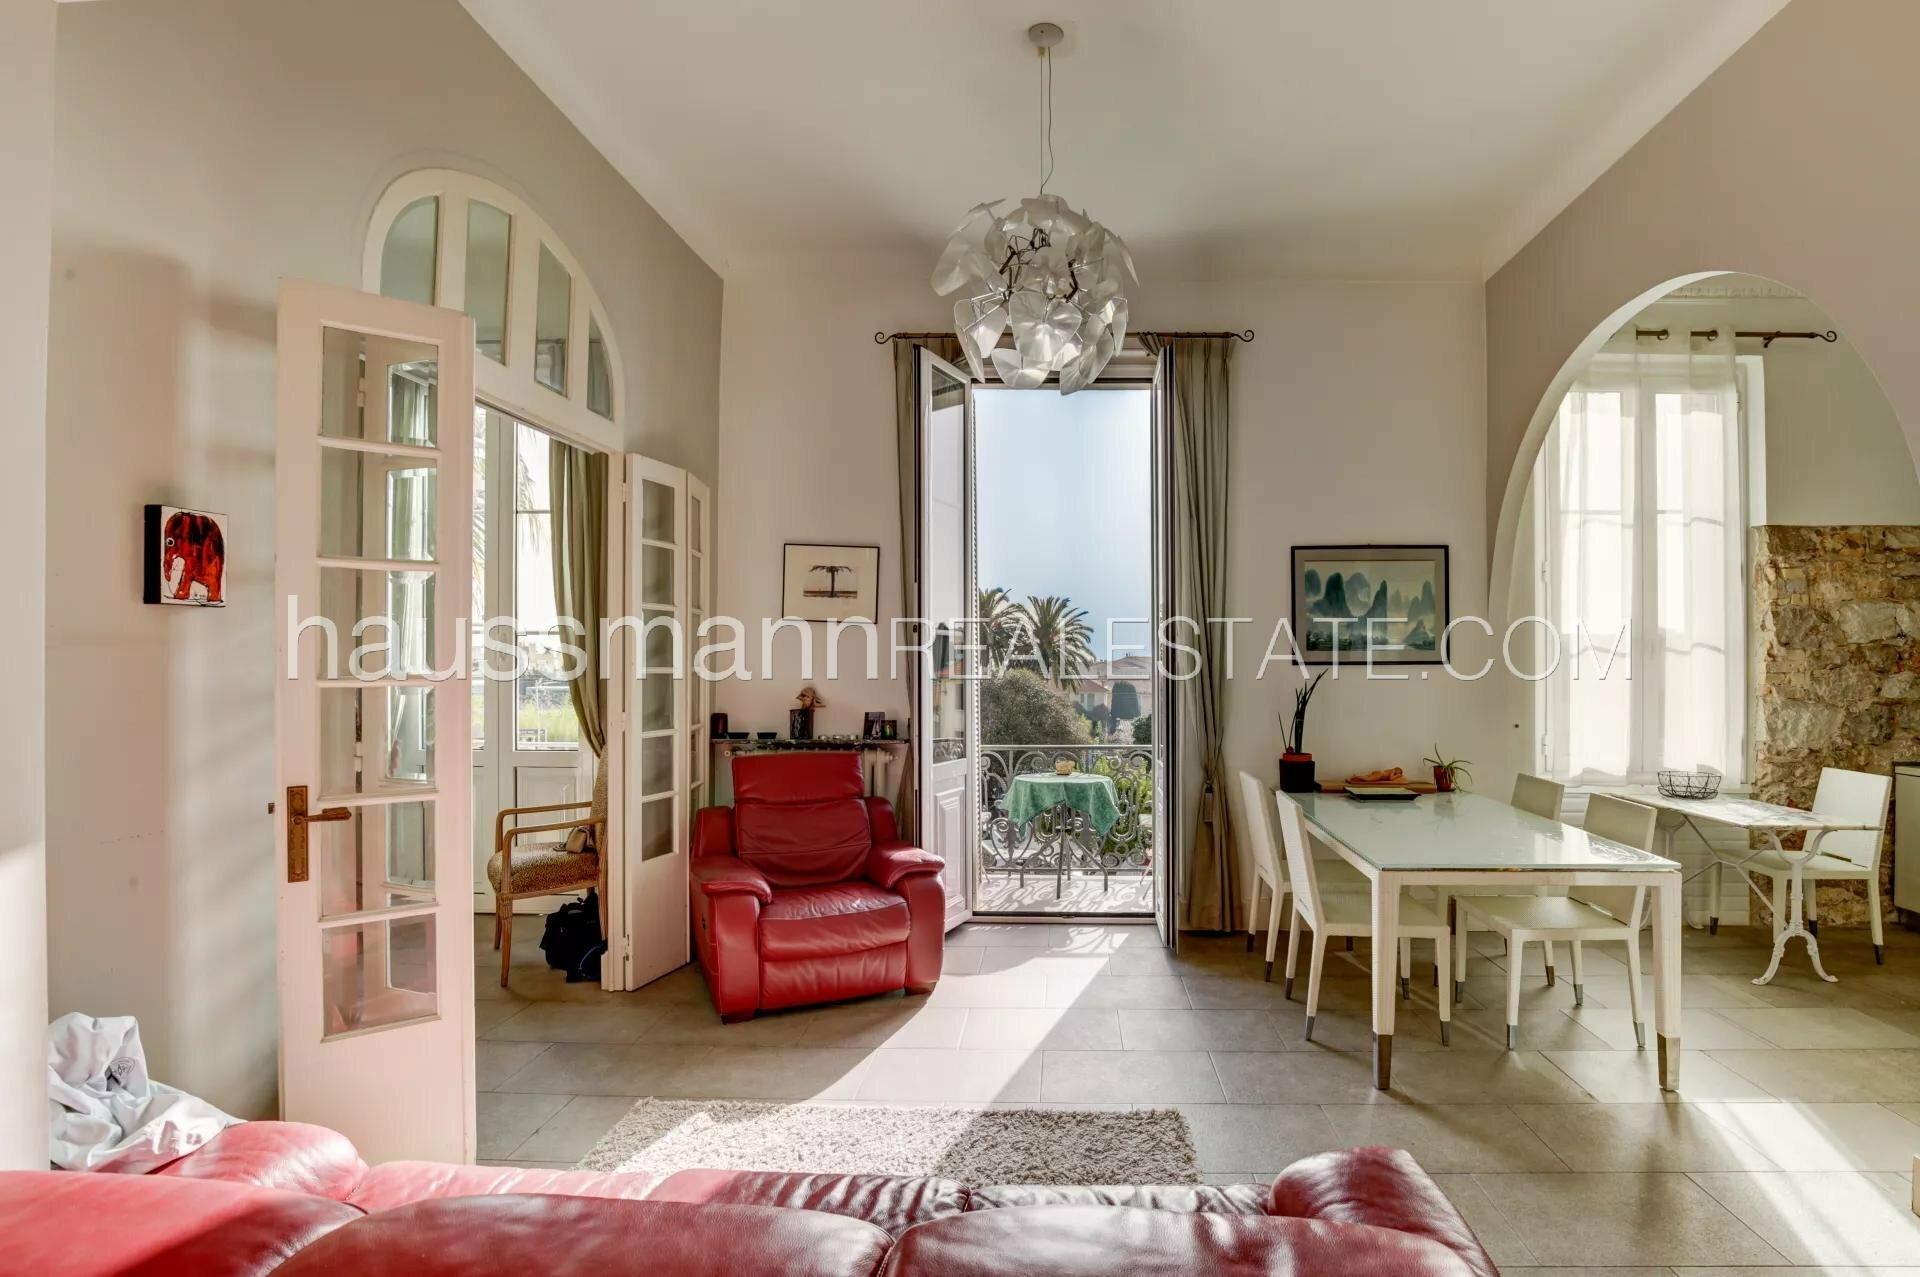 Apartment in Beaulieu-sur-Mer, Provence-Alpes-Côte d'Azur, France 1